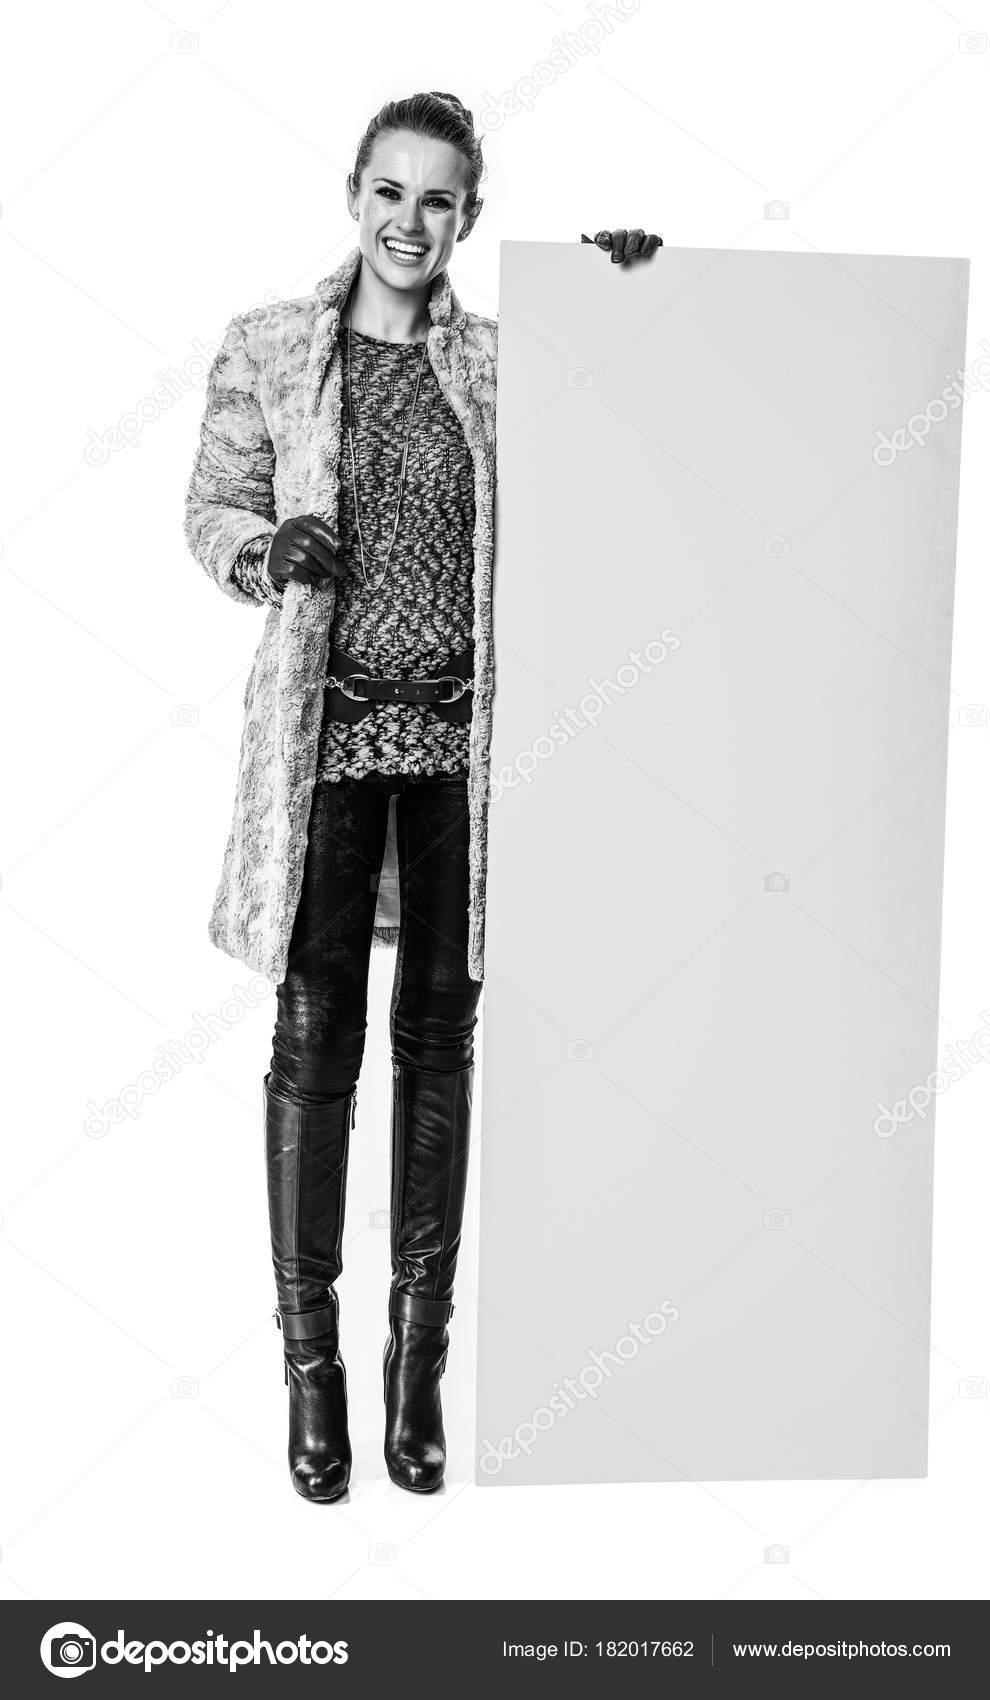 04985e1b3e85 Cosas Invierno Retrato Cuerpo Entero Feliz Moda Mujer Abrigo ...